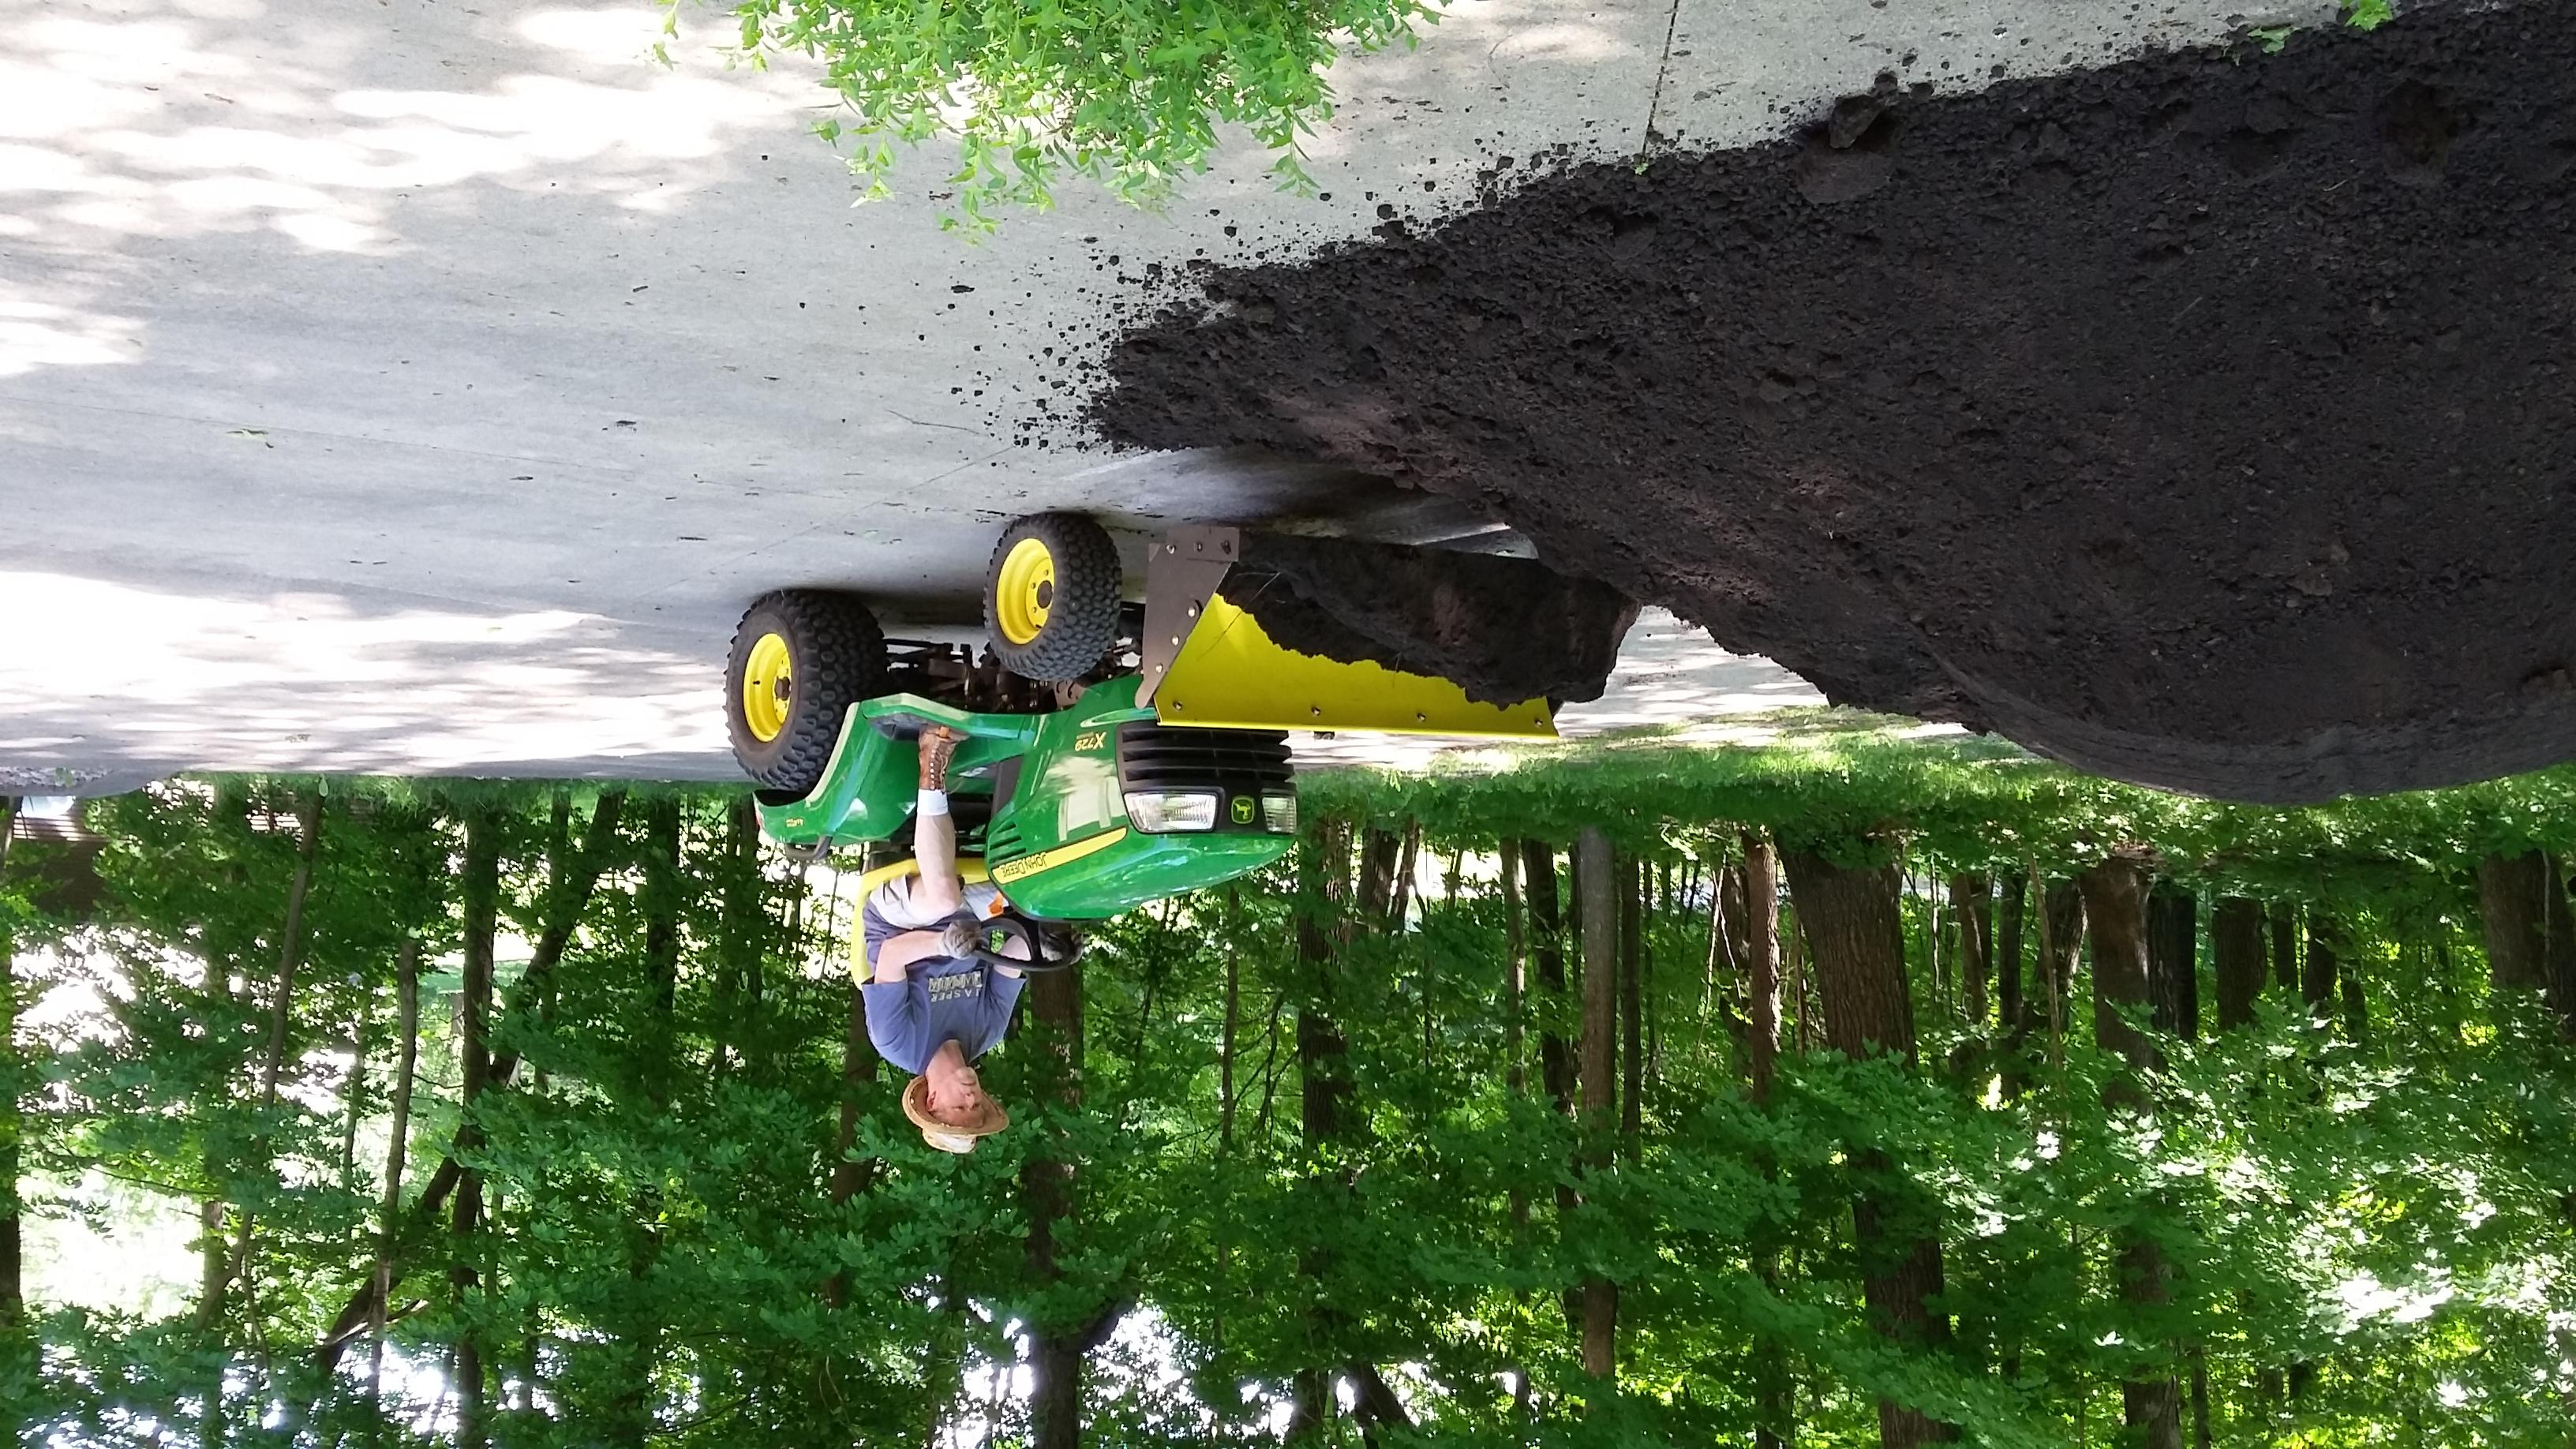 tractor shovel4.jpg